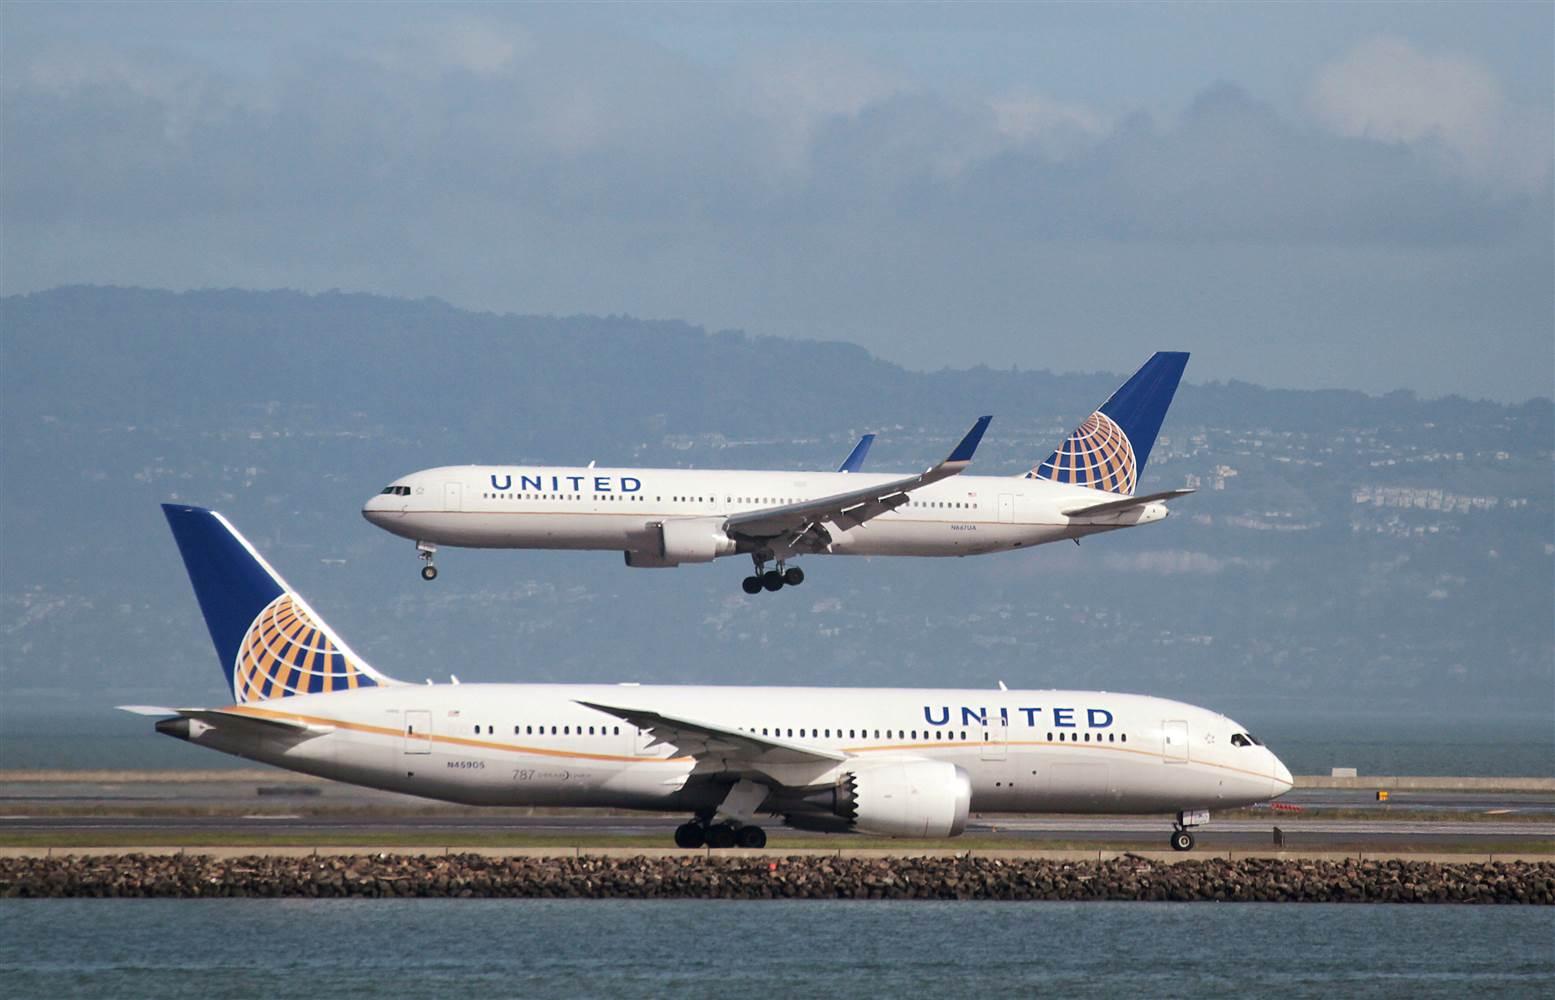 新冠肺炎重擊航空業,聯合航空傳出將再關閉3 個海外基地 (資料圖片)